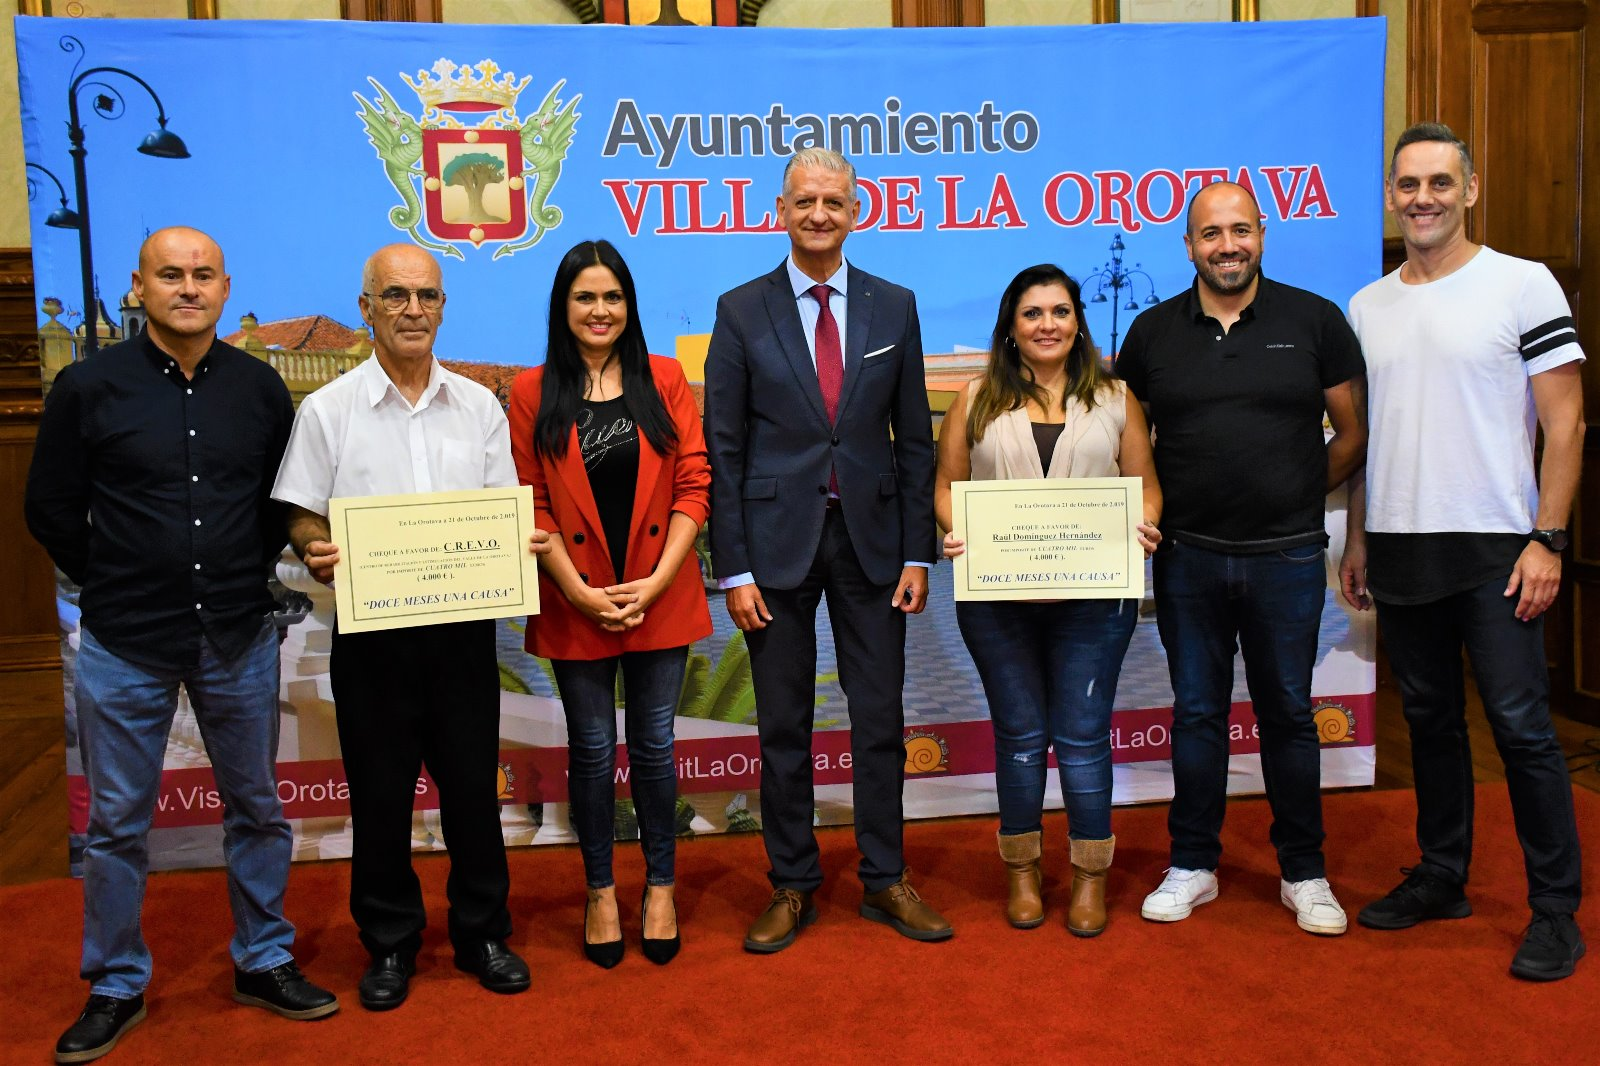 Docemesesunacausa recaudó 8.000 euros y los reparte entre Crevo y el joven Raúl Domínguez